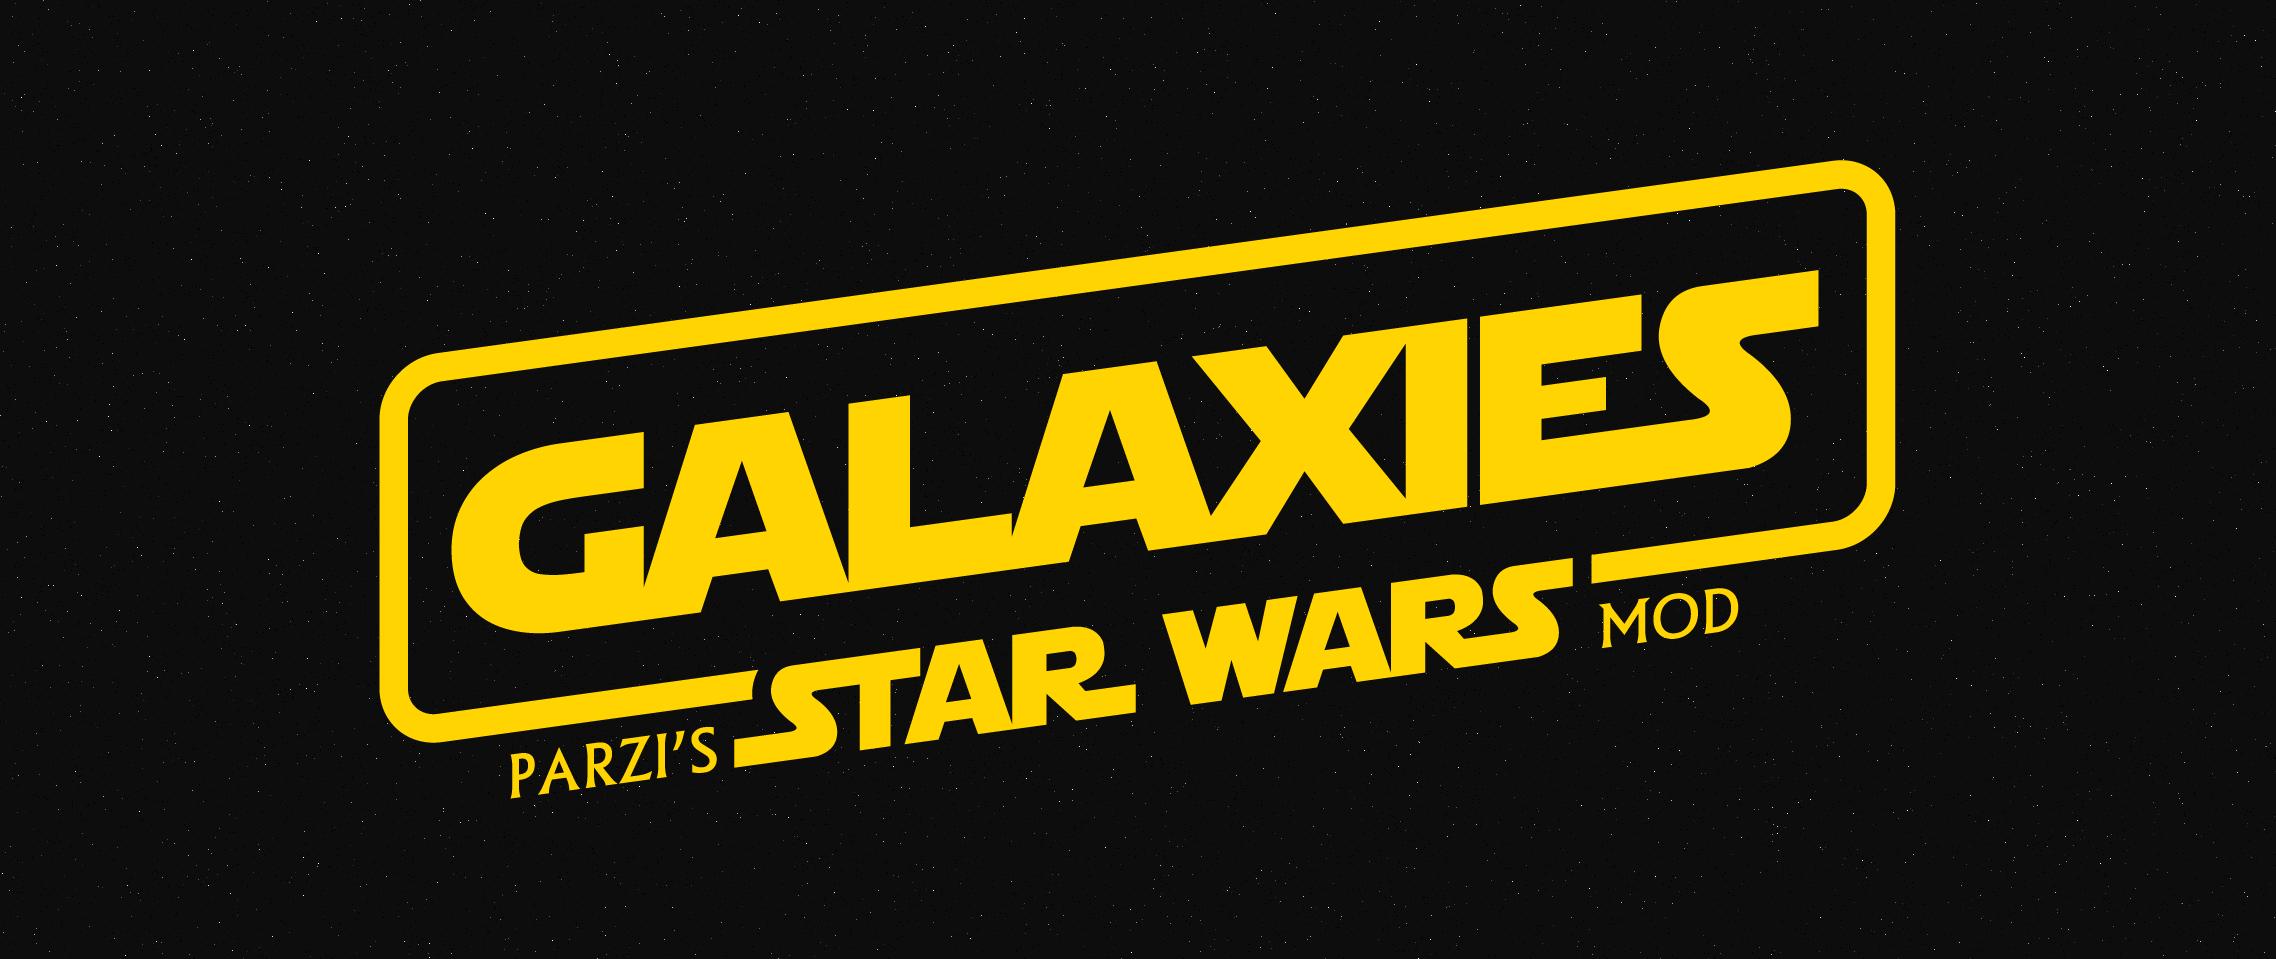 Galaxies: Parzi's Star Wars Mod